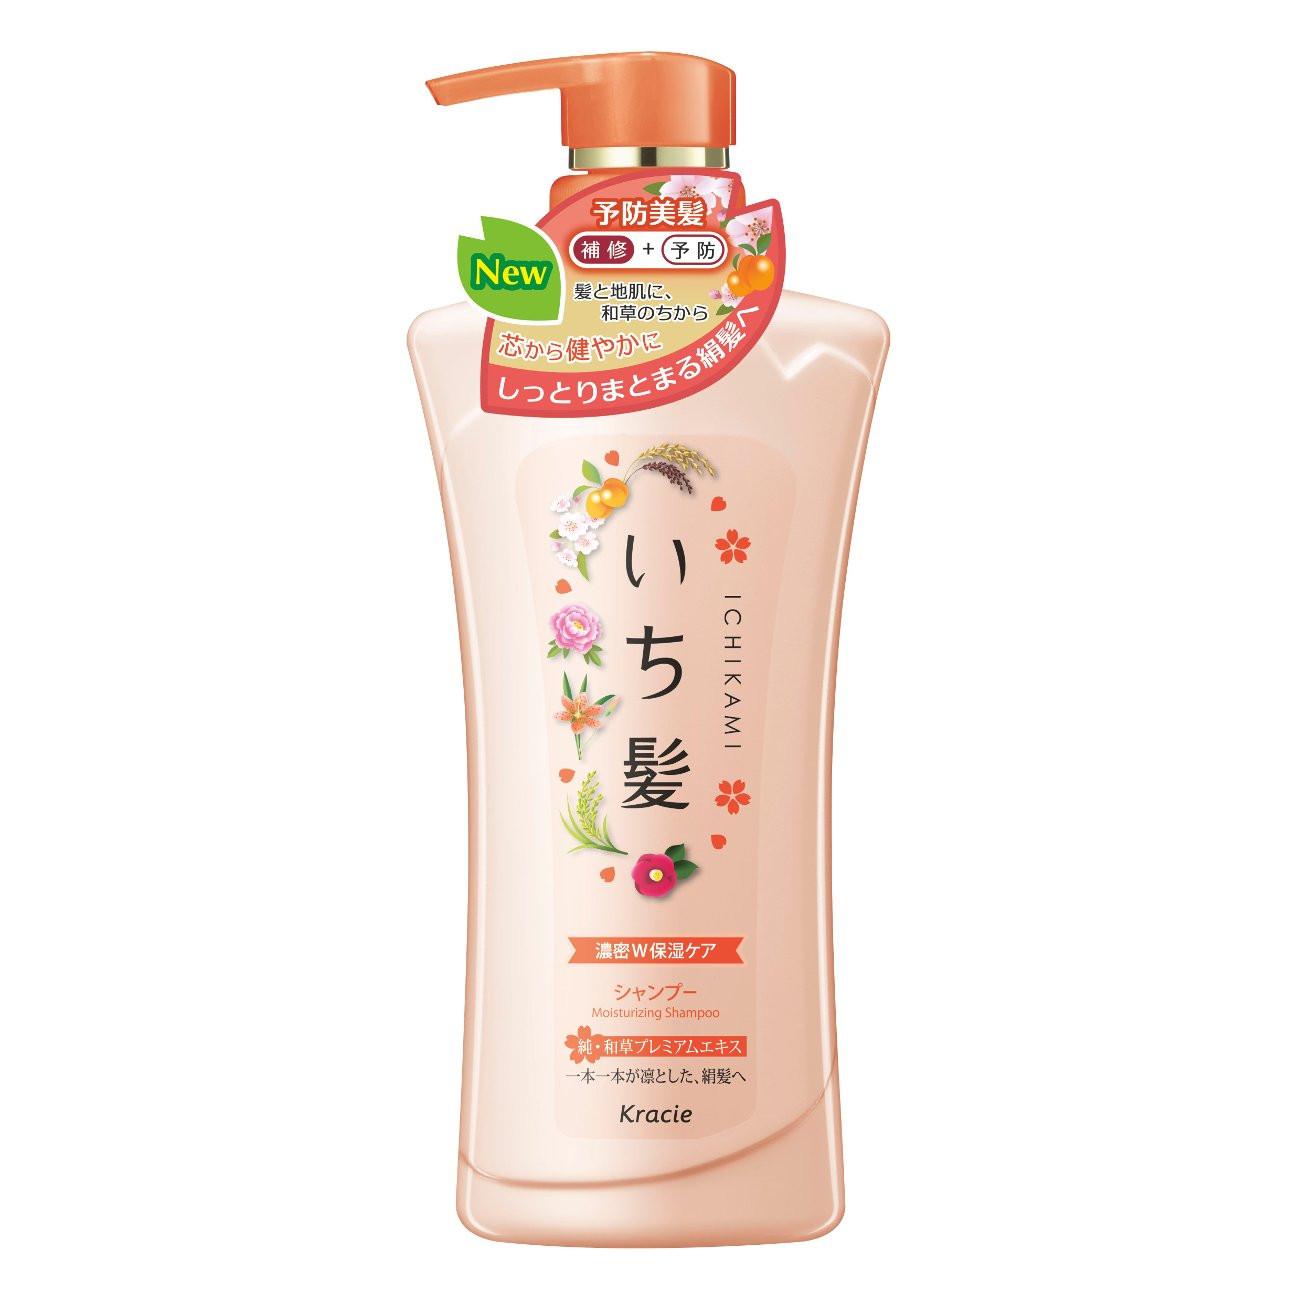 【No.③】あんずと桜の香り♡「いち髪 濃密W保湿ケア シャンプー」